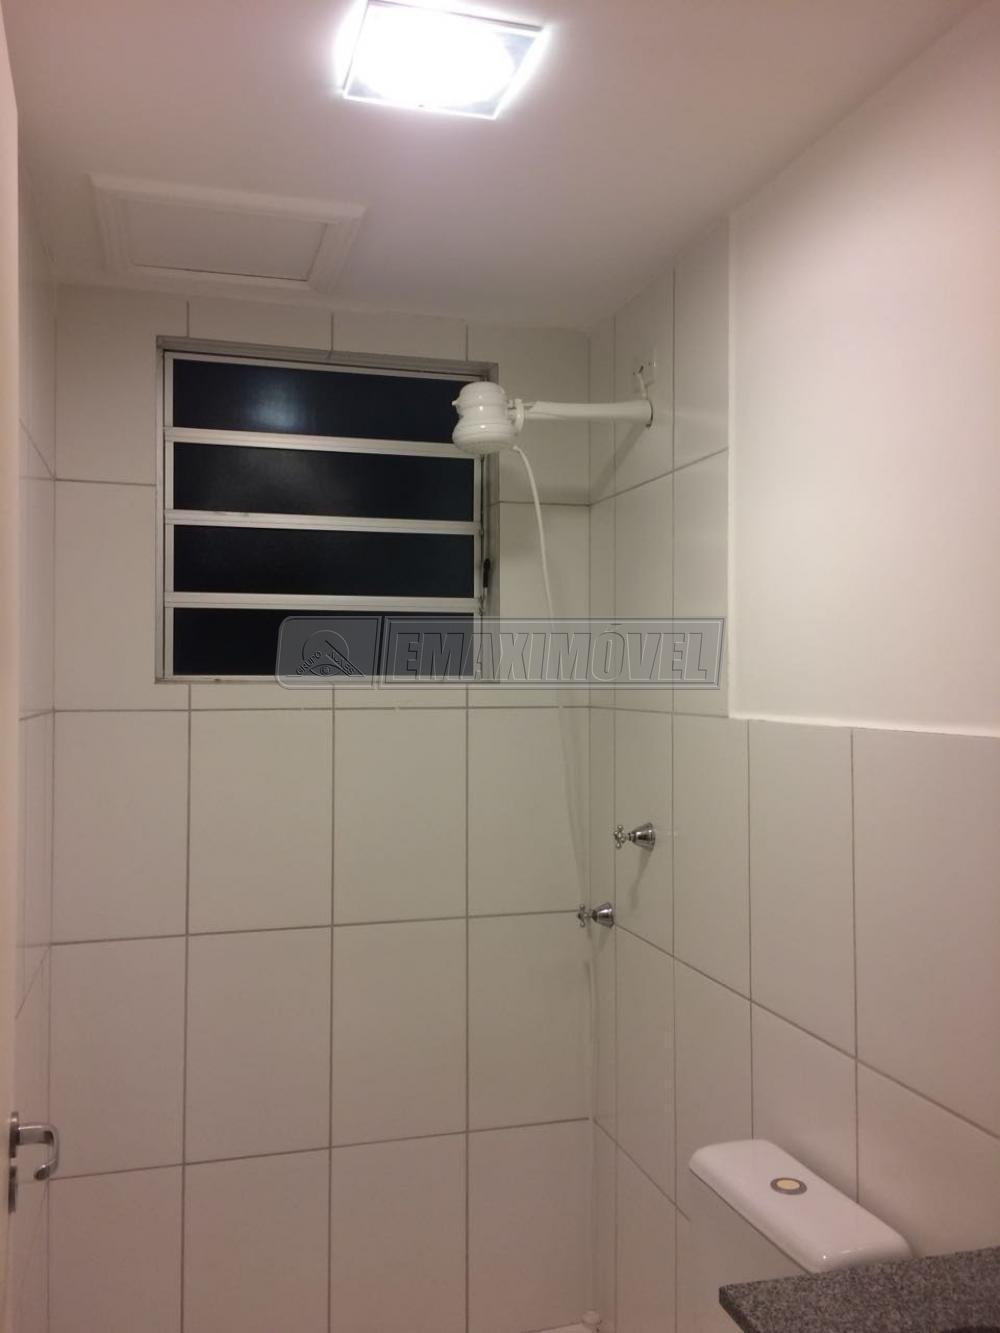 Comprar Apartamentos / Apto Padrão em Sorocaba apenas R$ 195.000,00 - Foto 7